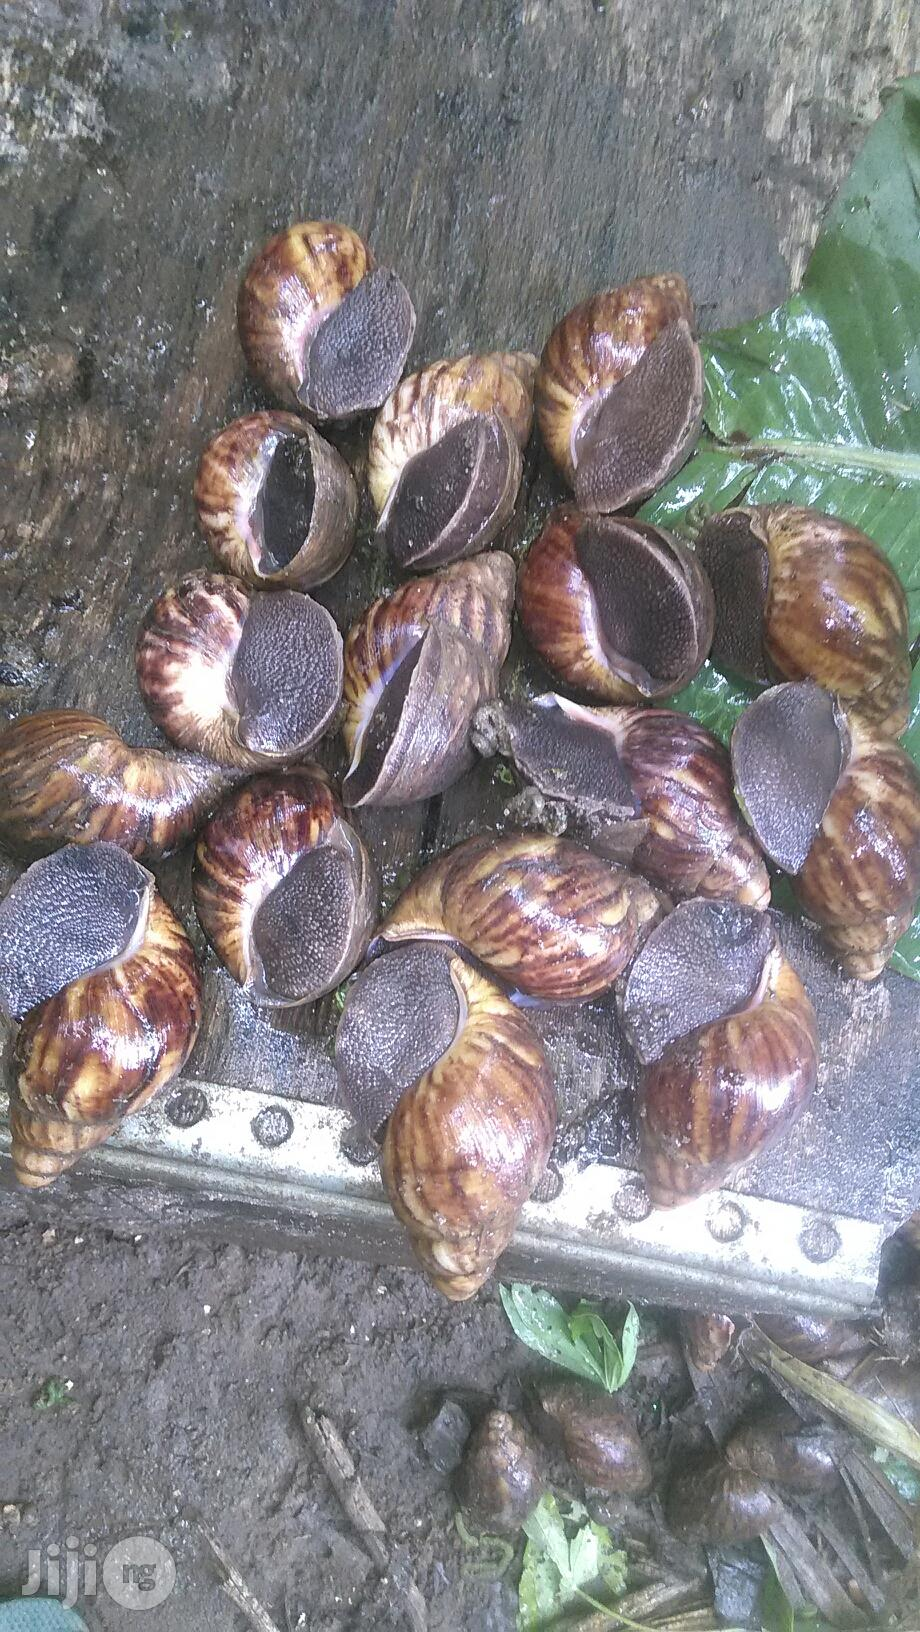 Snail Meat Still The Best